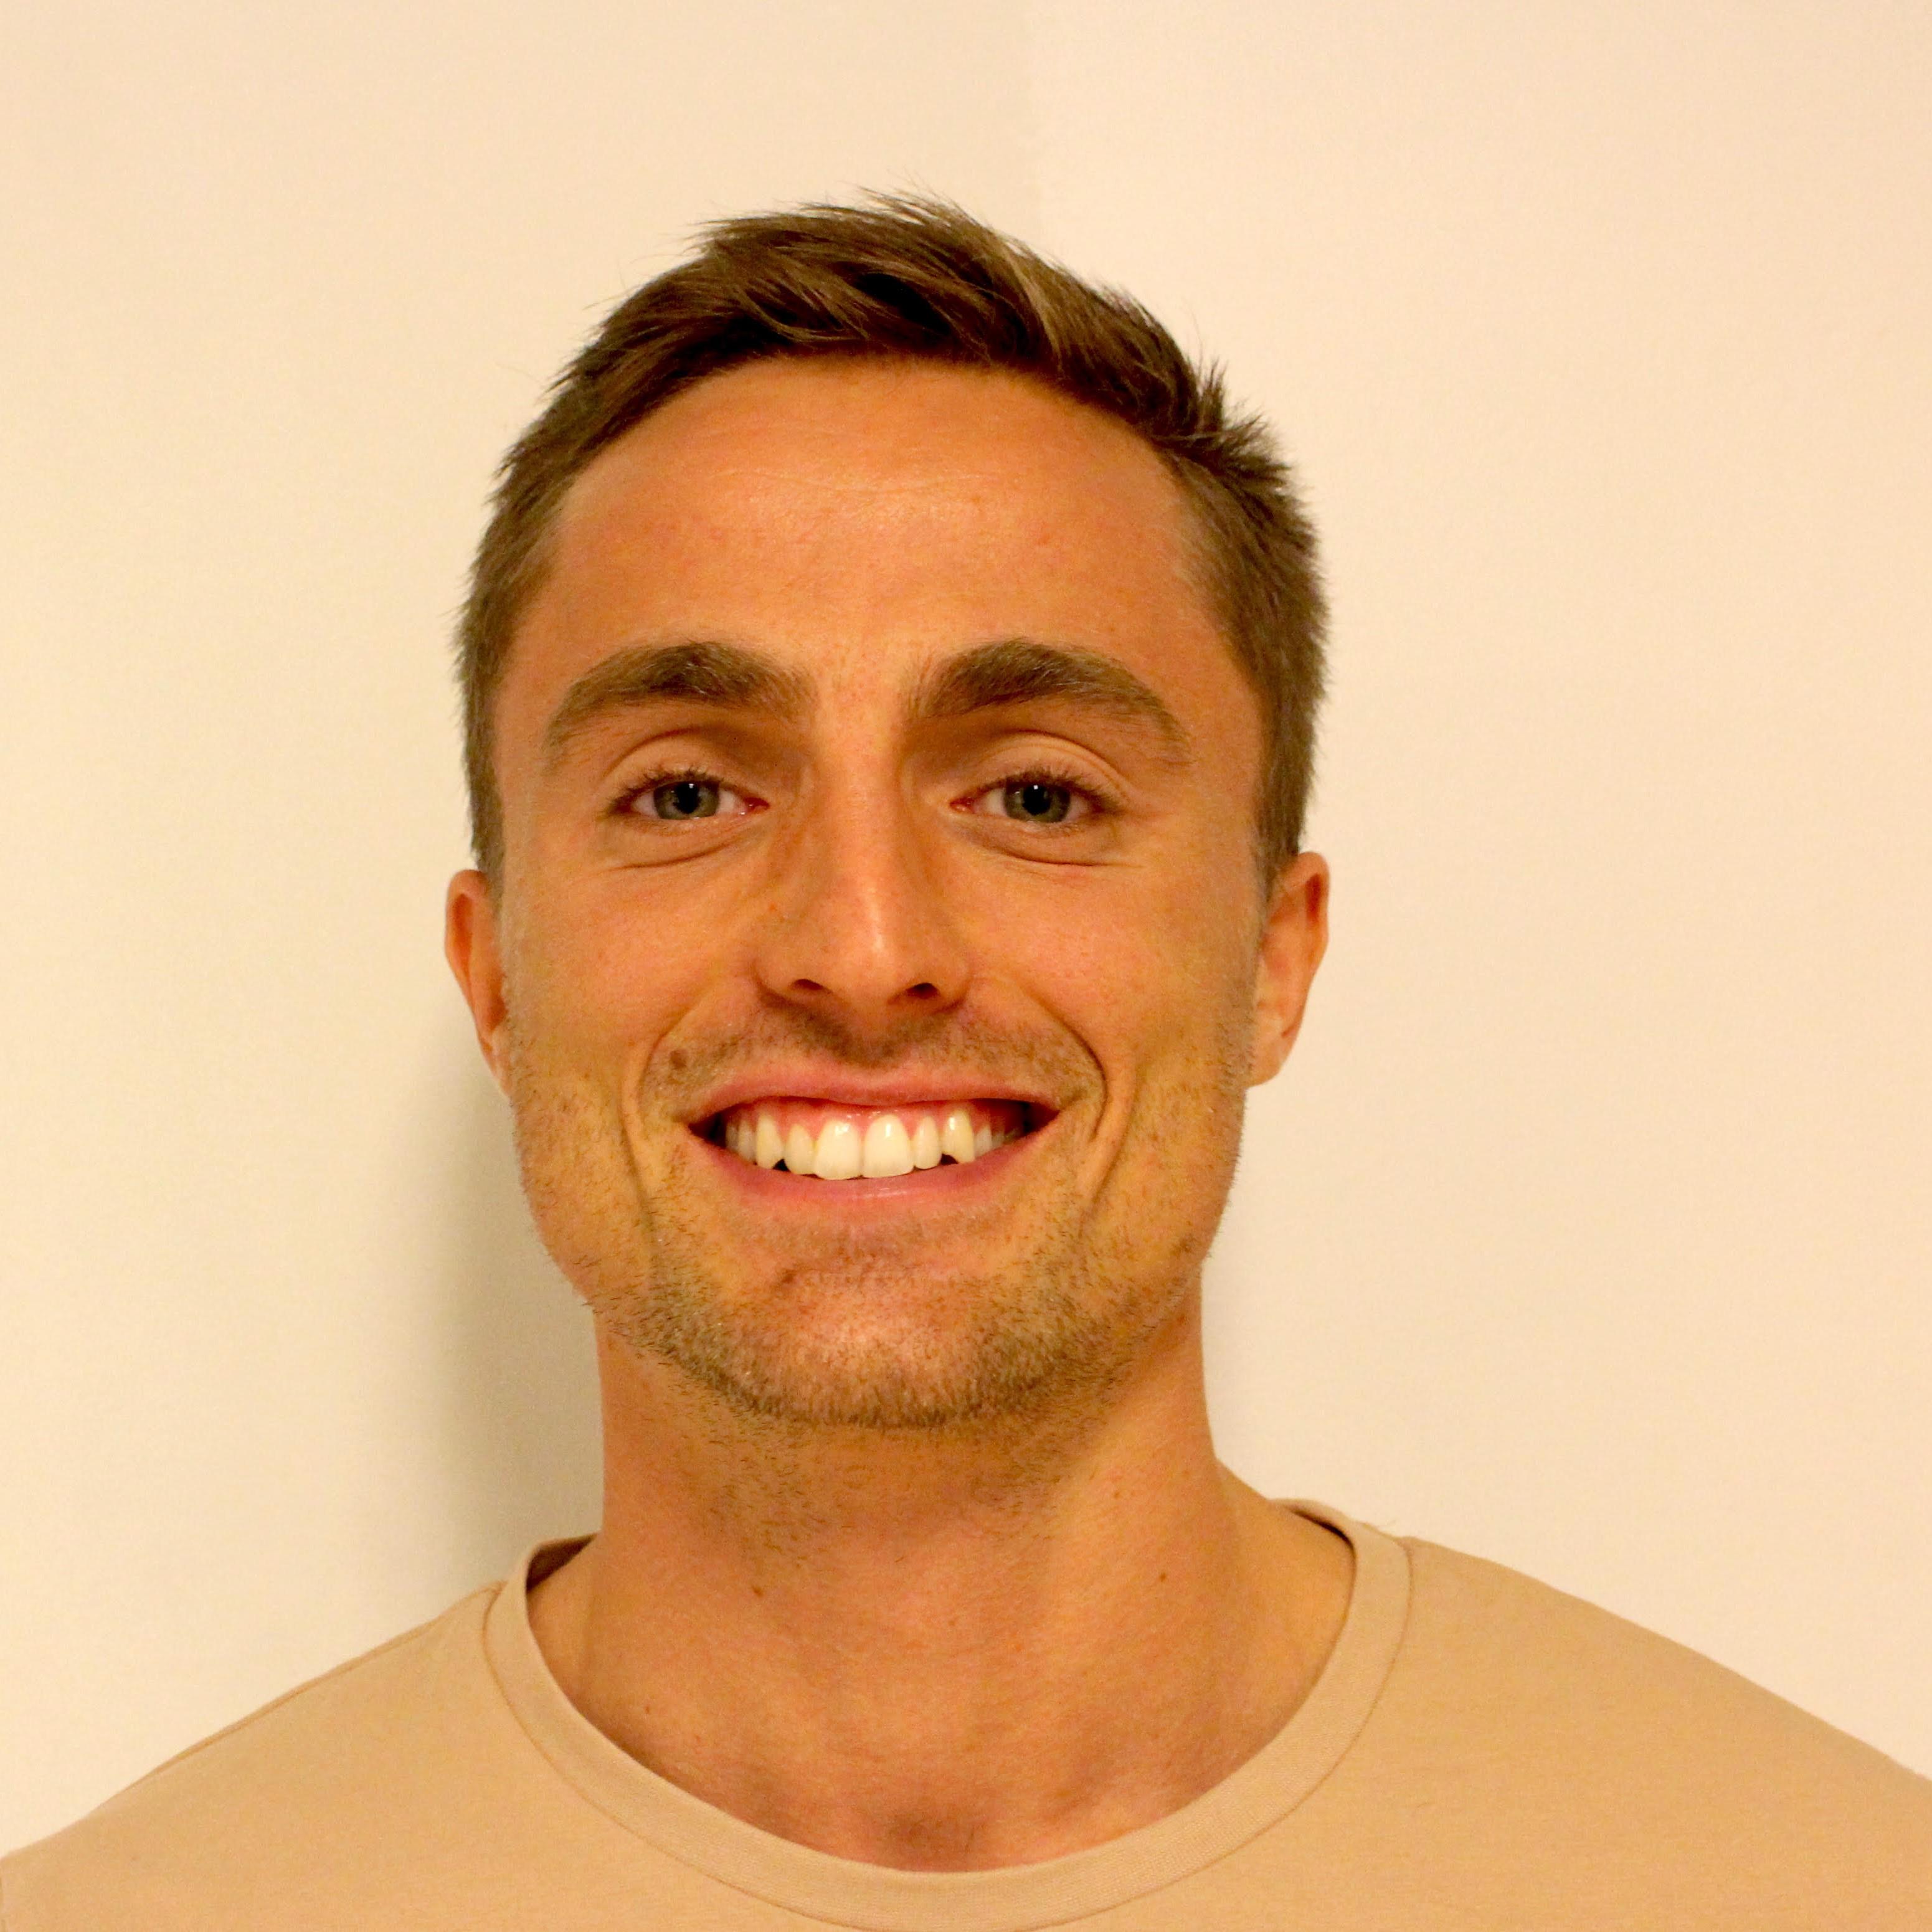 Jacob Strøm - Juniortræner